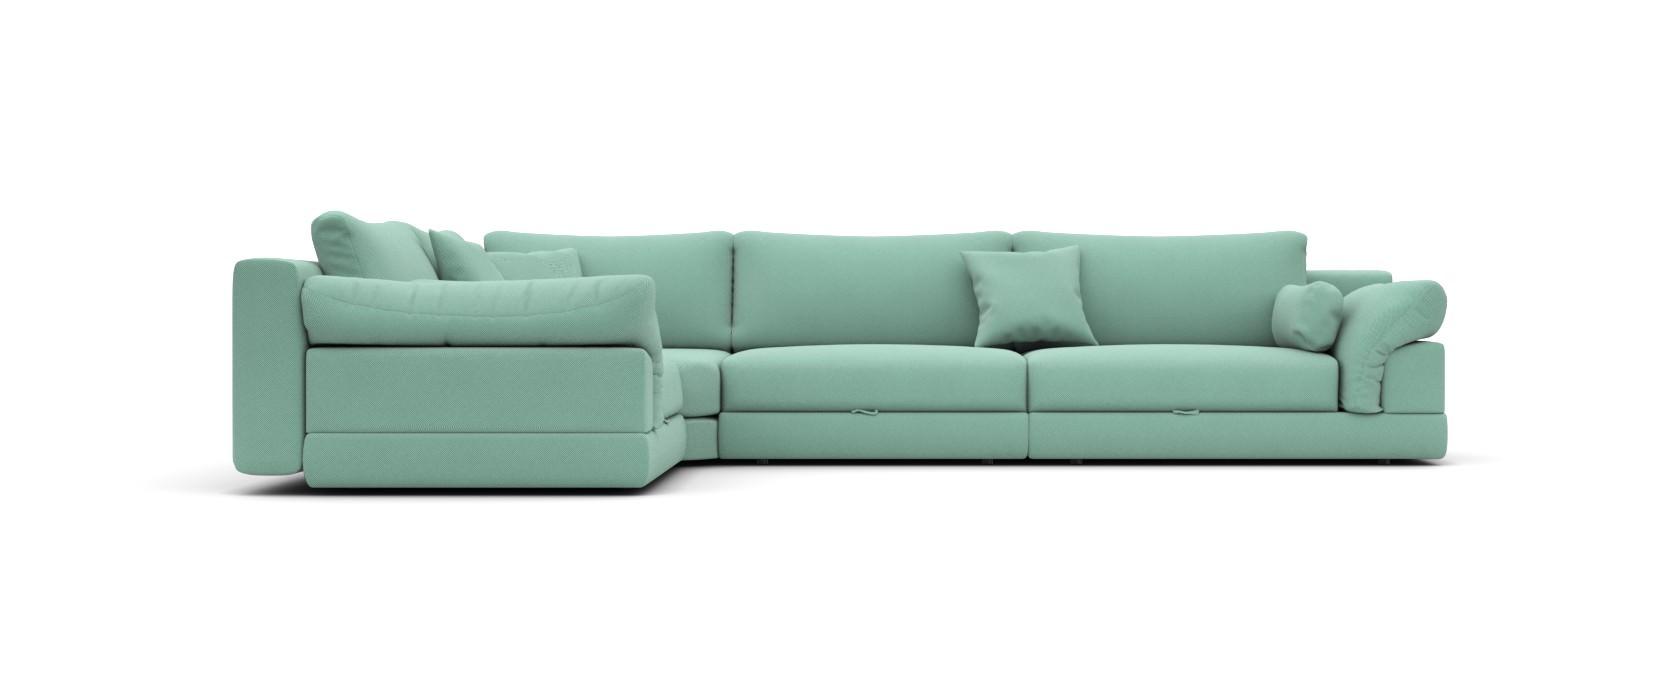 Модульный диван Claudia 355x255 - Pufetto